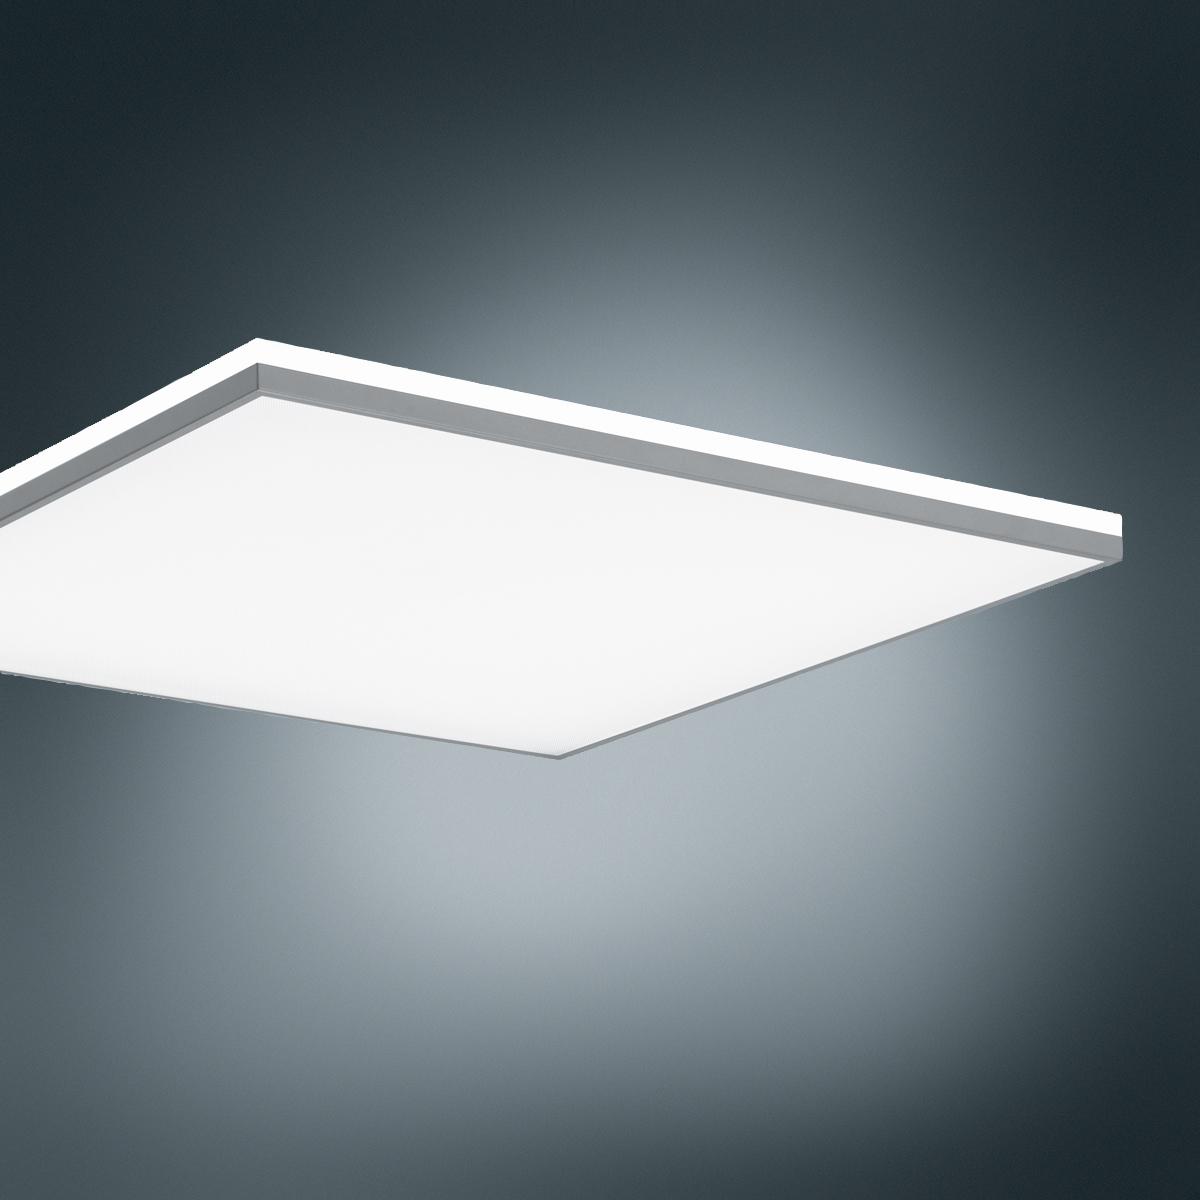 gesundheitswesen beleuchtung licht gesundheit trilux. Black Bedroom Furniture Sets. Home Design Ideas